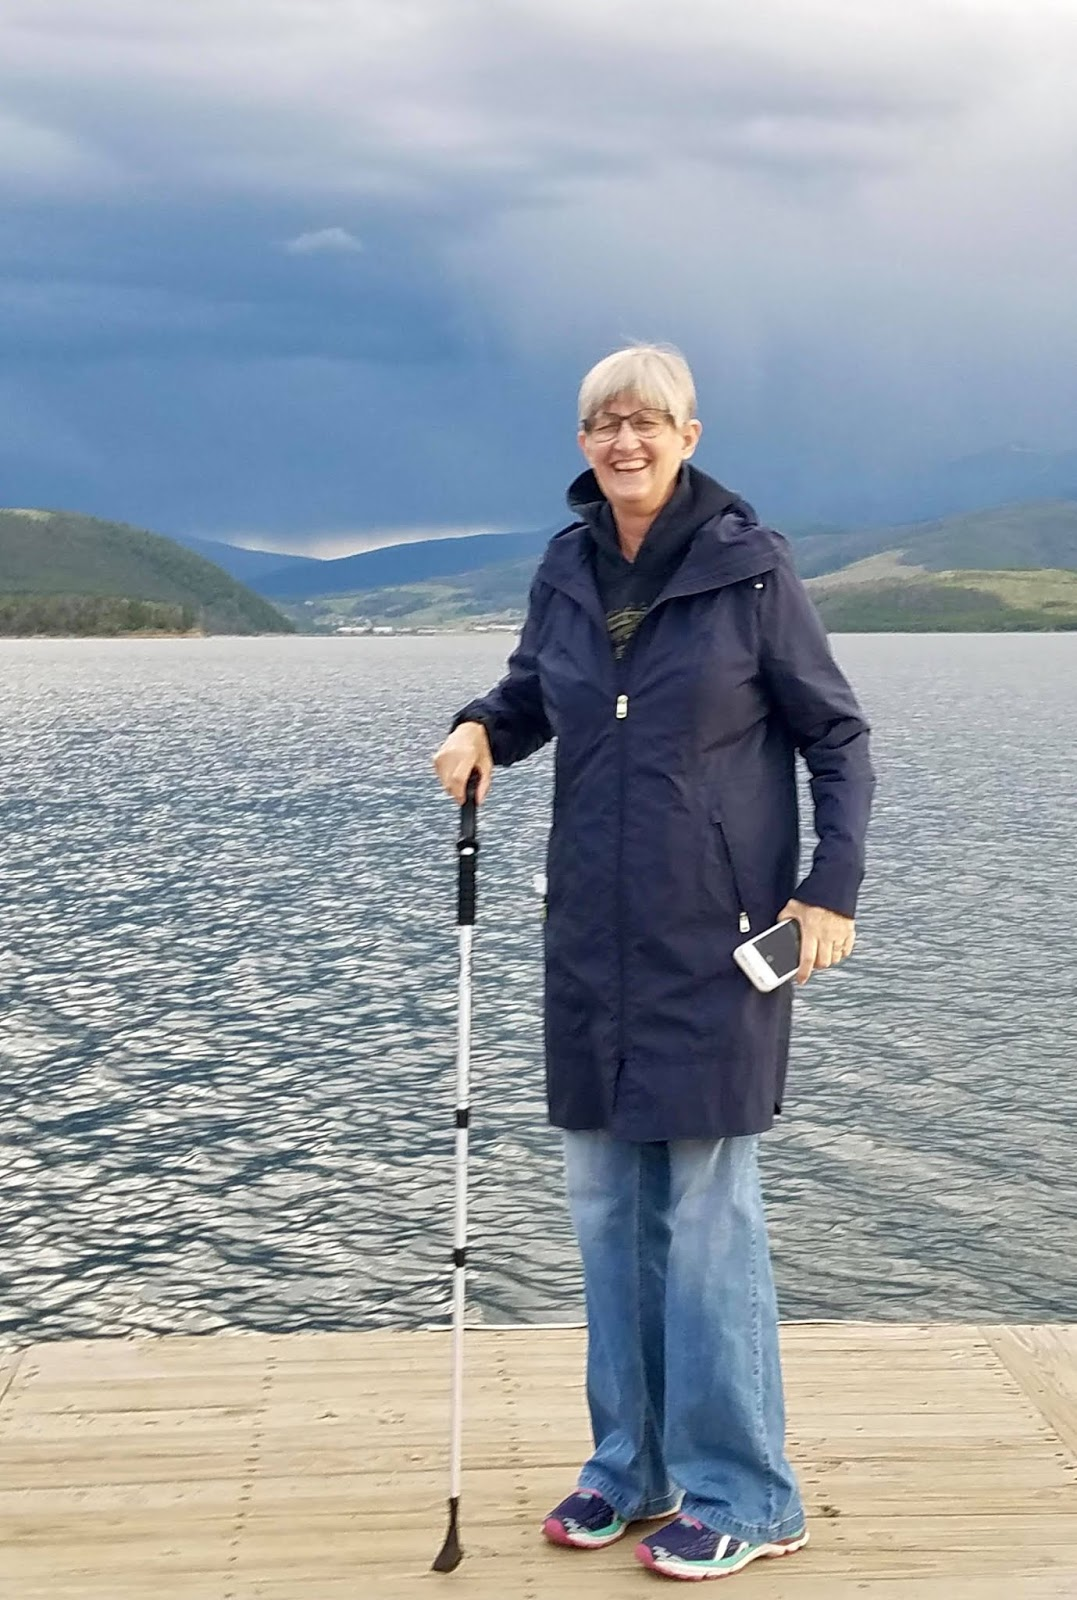 Ataxia Profile: Sharon White Miller